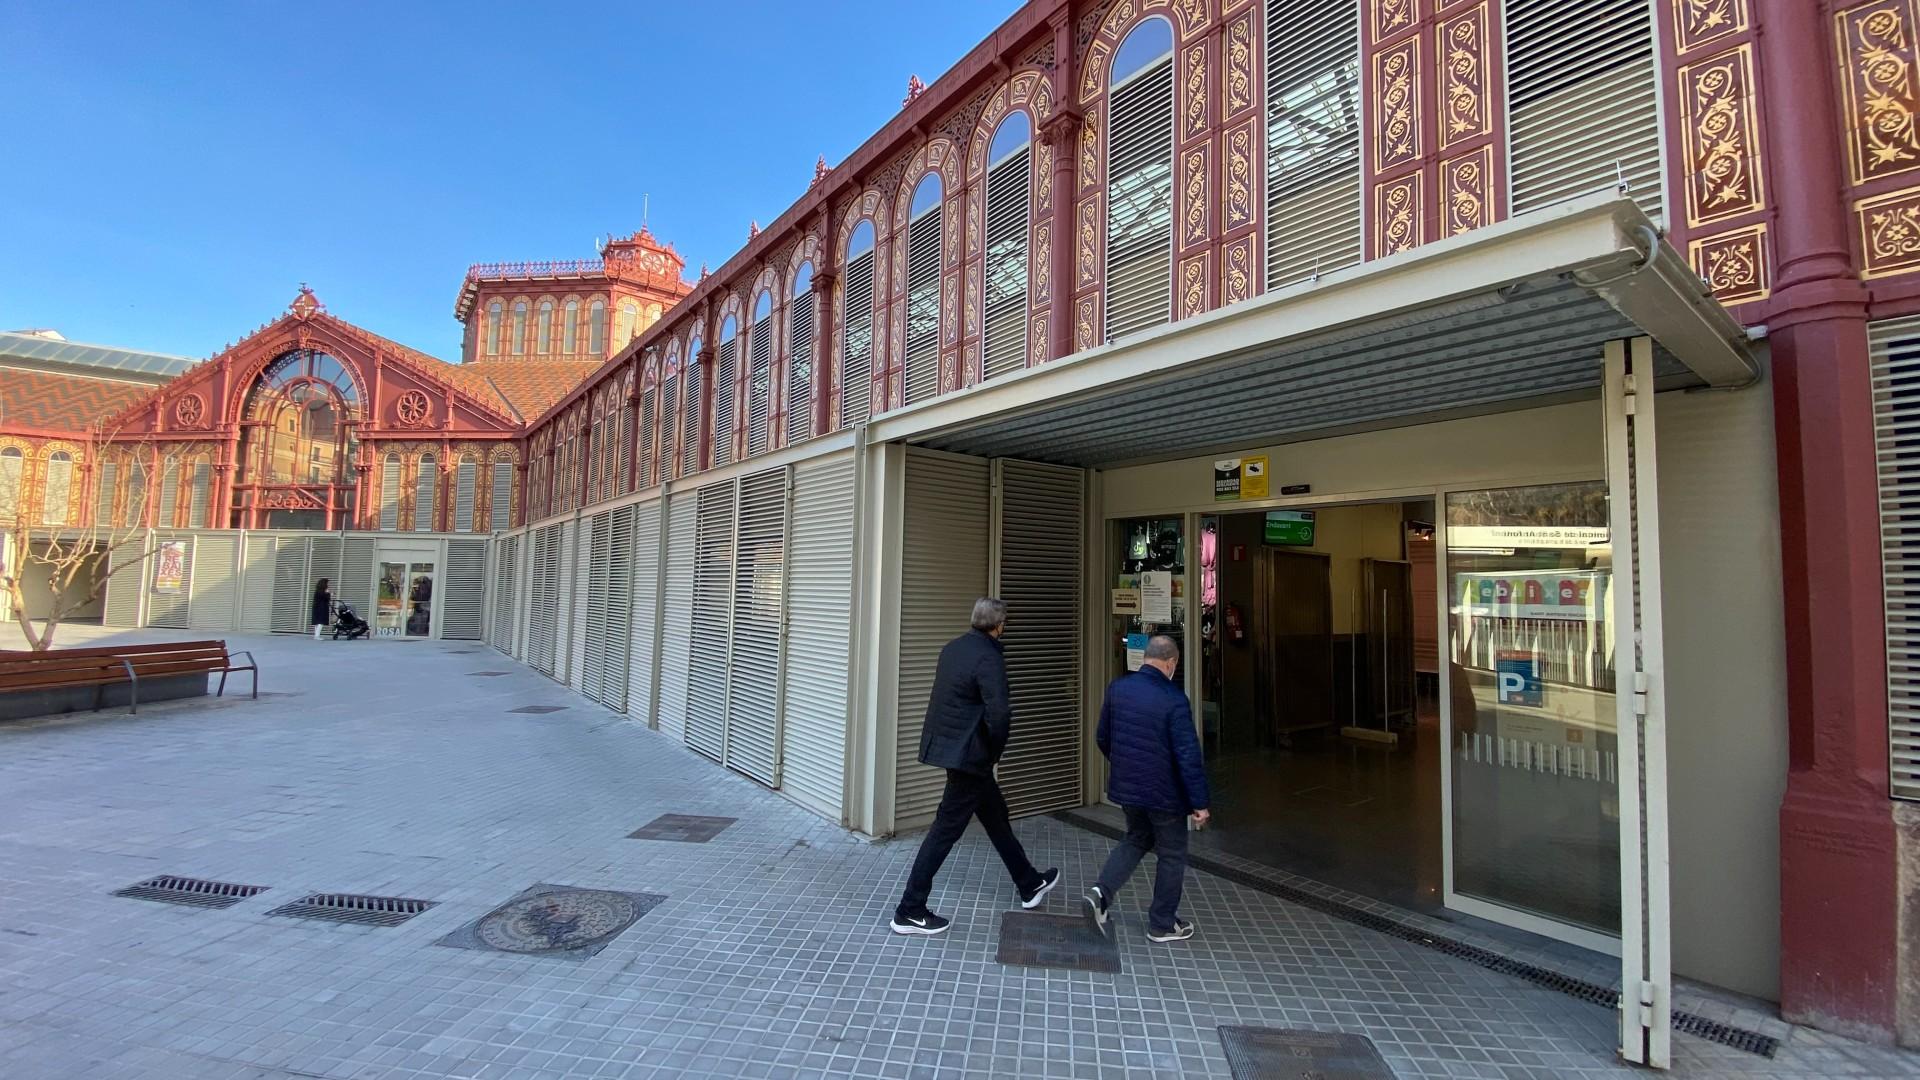 mercat Sant Antoni col·legi electoral